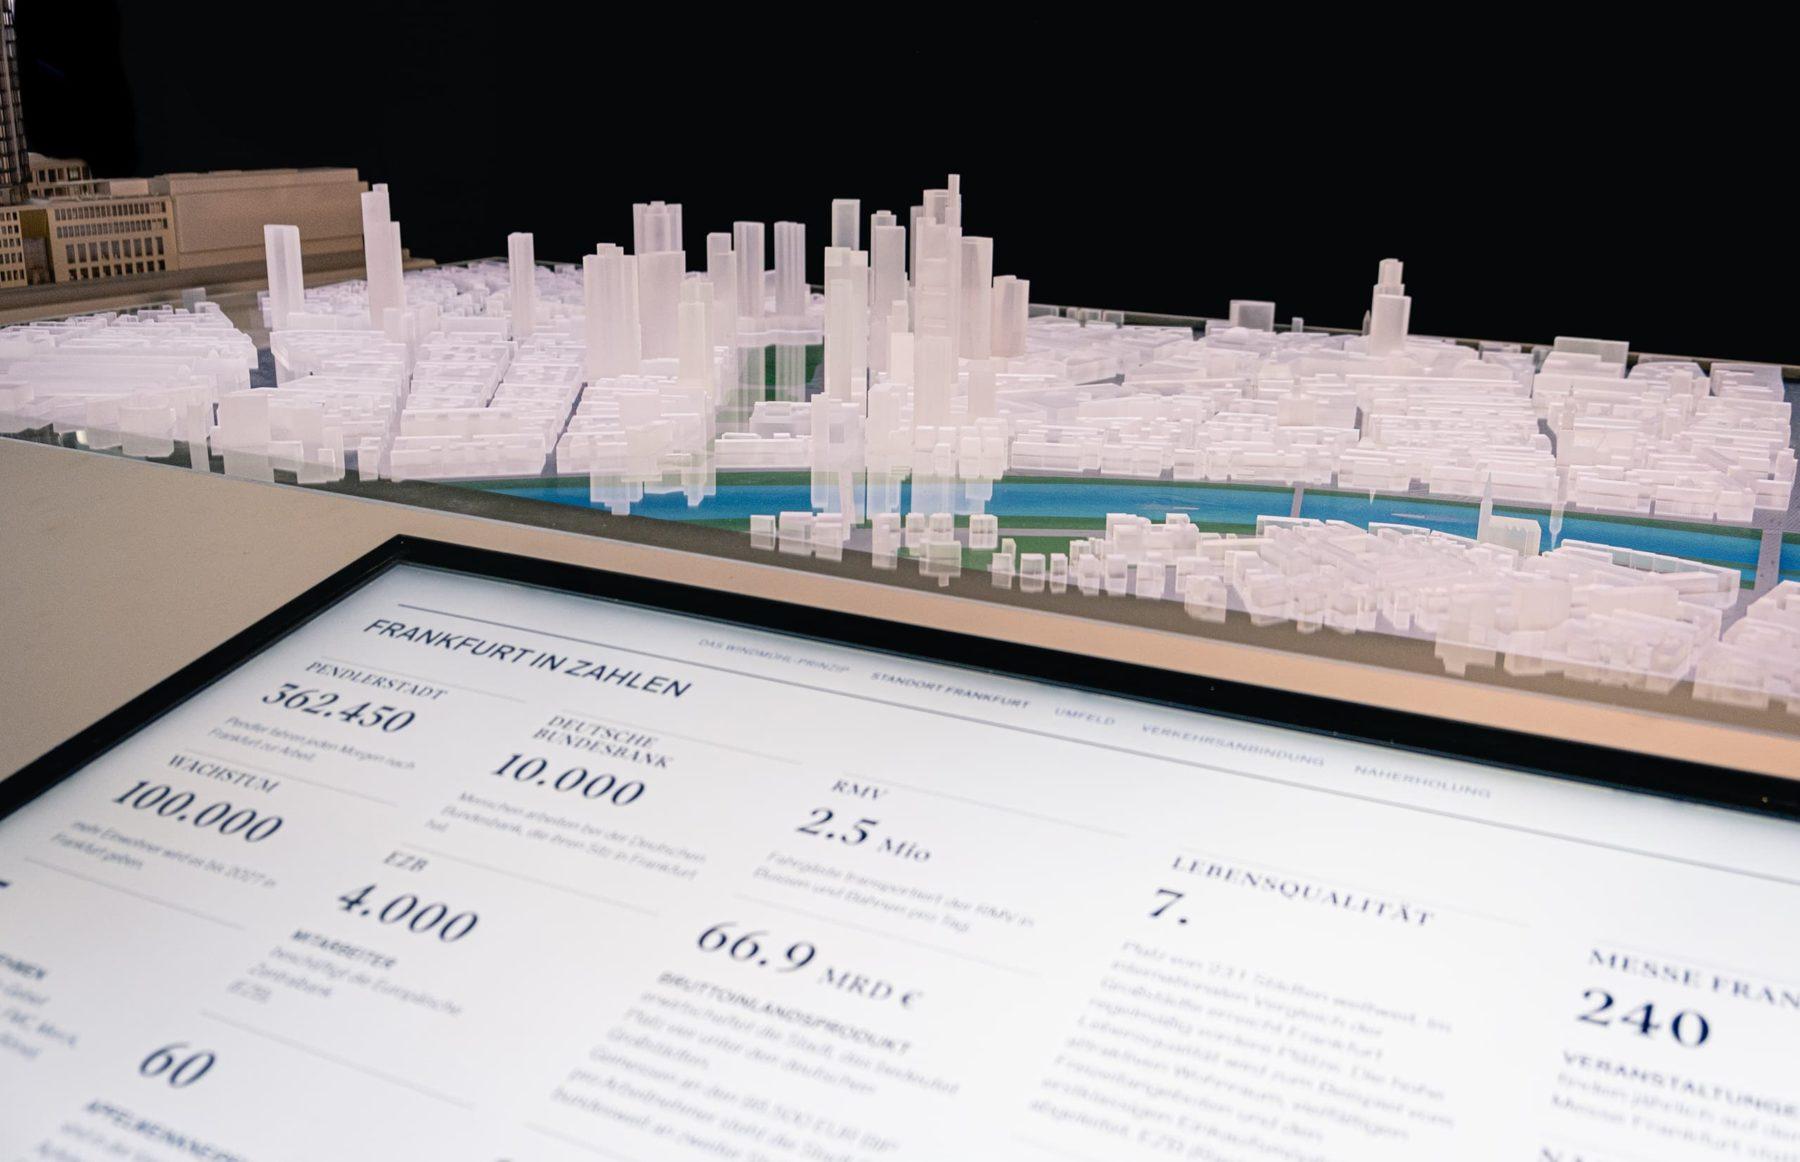 Architekturmodell des FOUR und Stadtmodell von Frankfurt in Acryl mit vorgelagerten MultiTouch